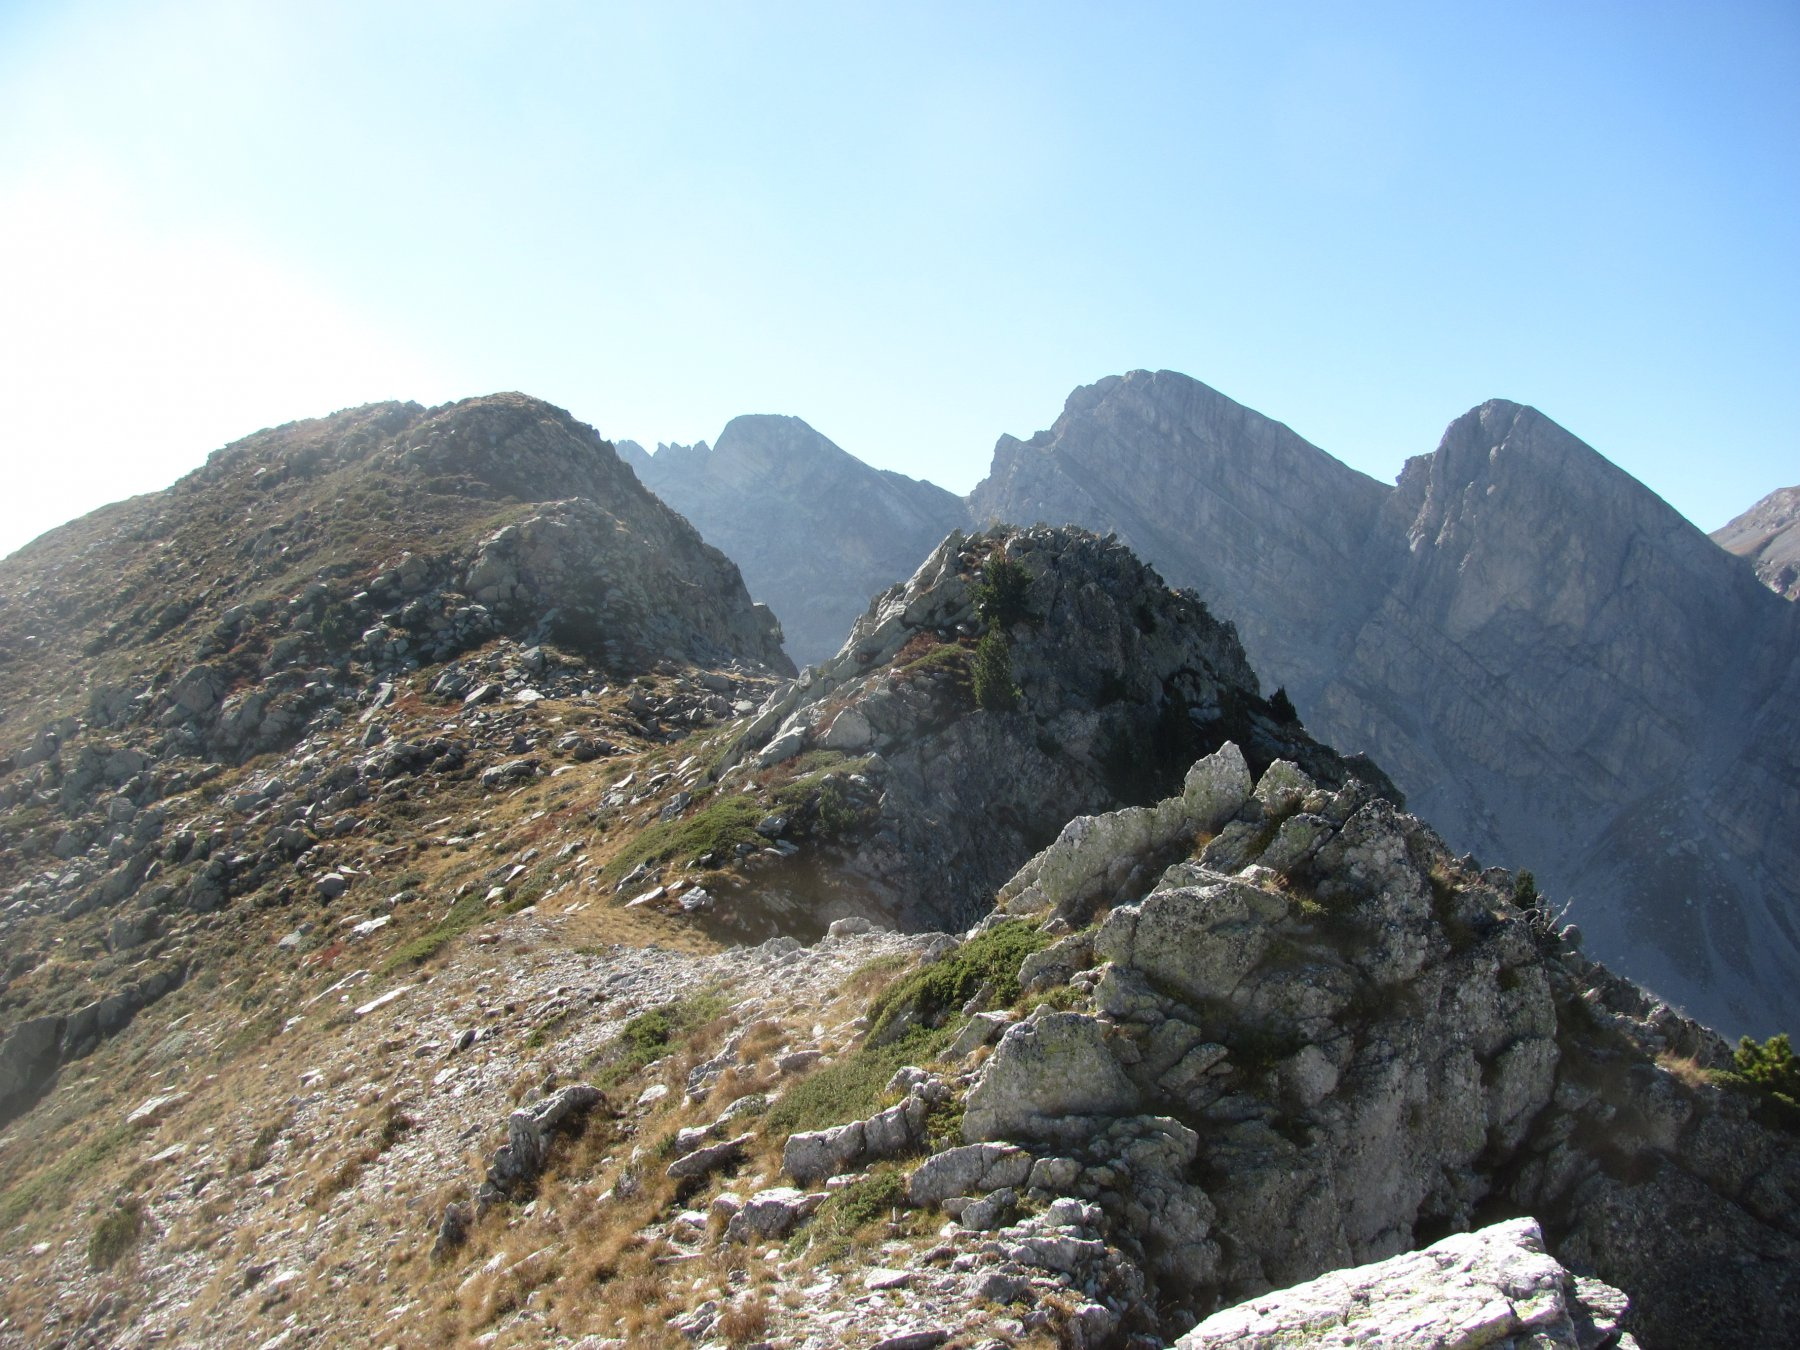 dalla prima parte della cresta: P.ta Emma, Cime Bozano e Pareto sullo sfondo